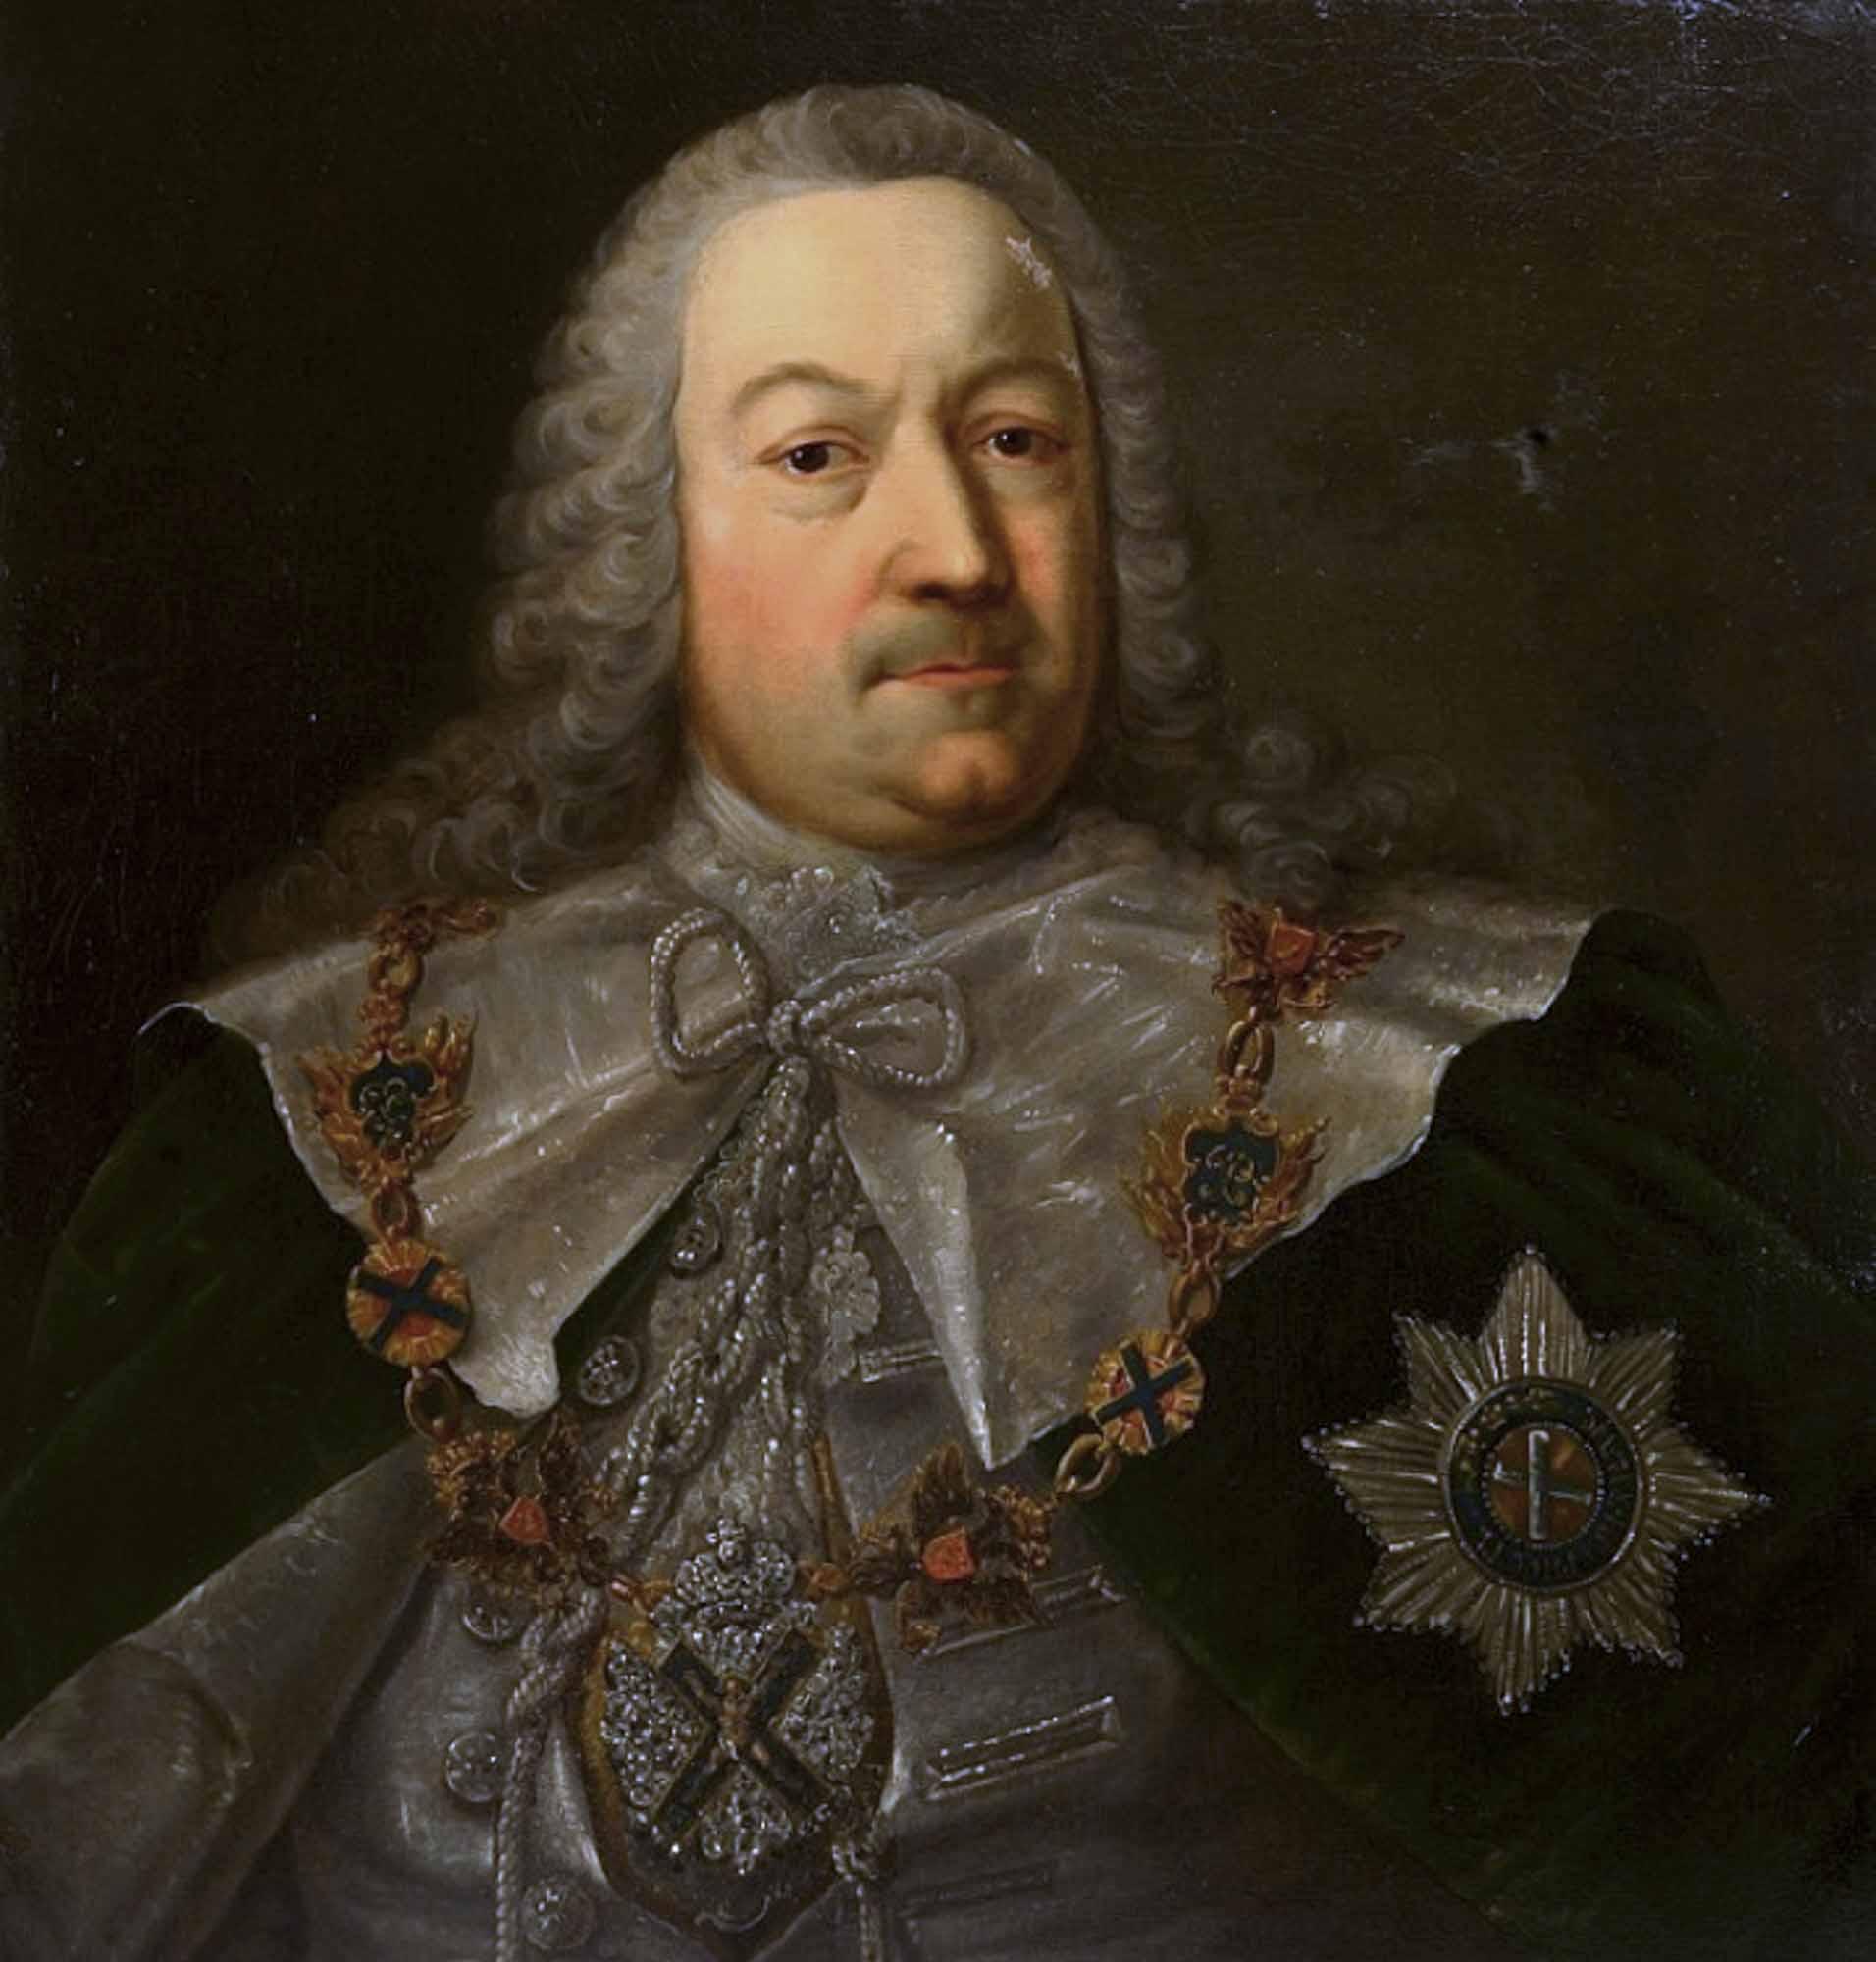 Hermann Carl Graf von Keyserling